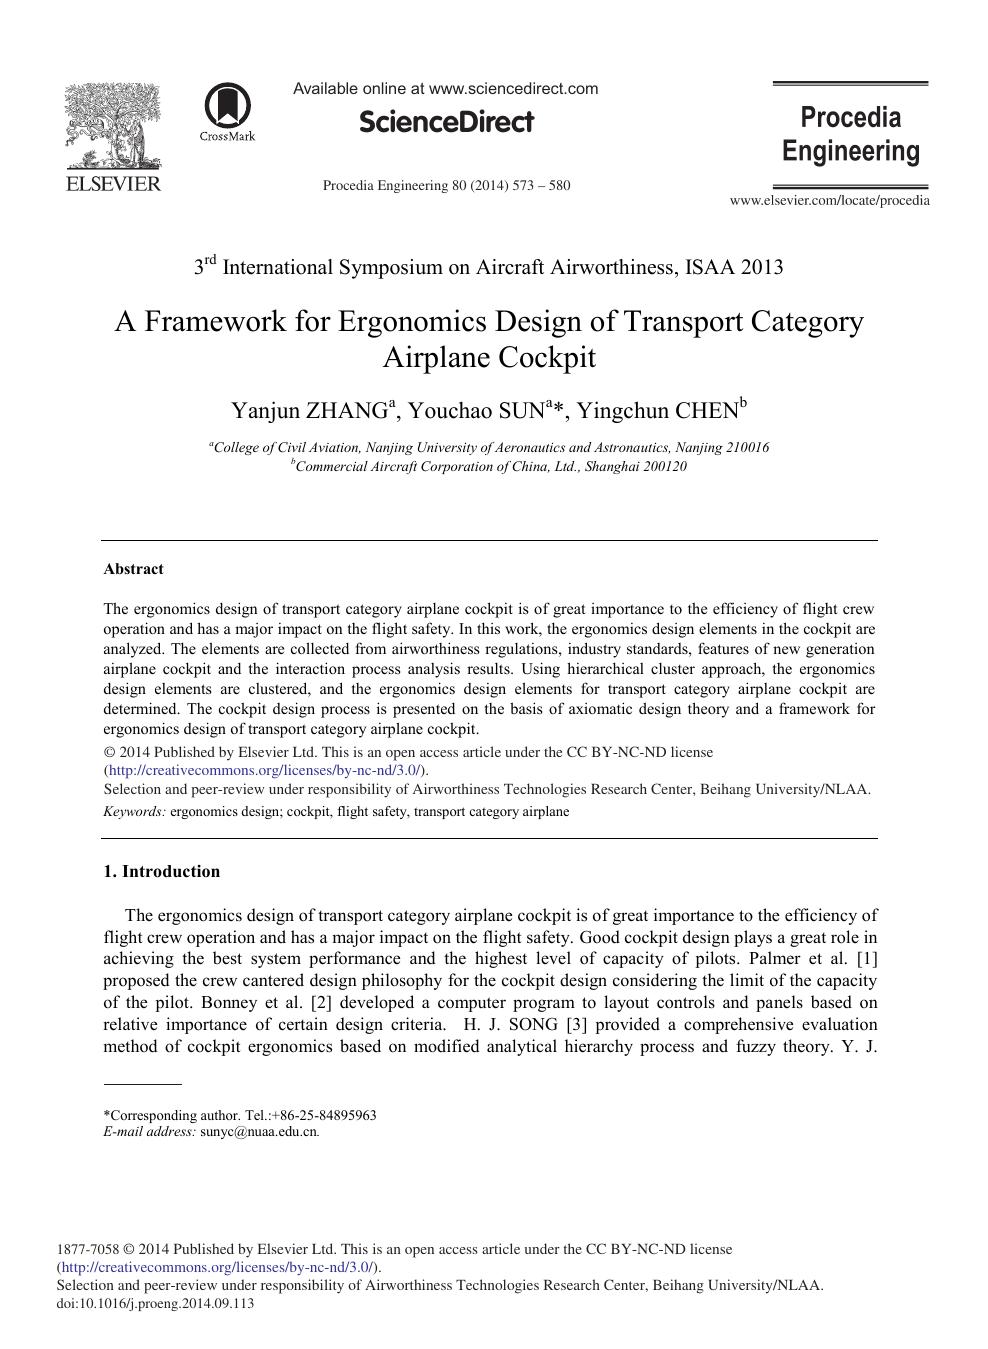 A Framework for Ergonomics Design of Transport Category